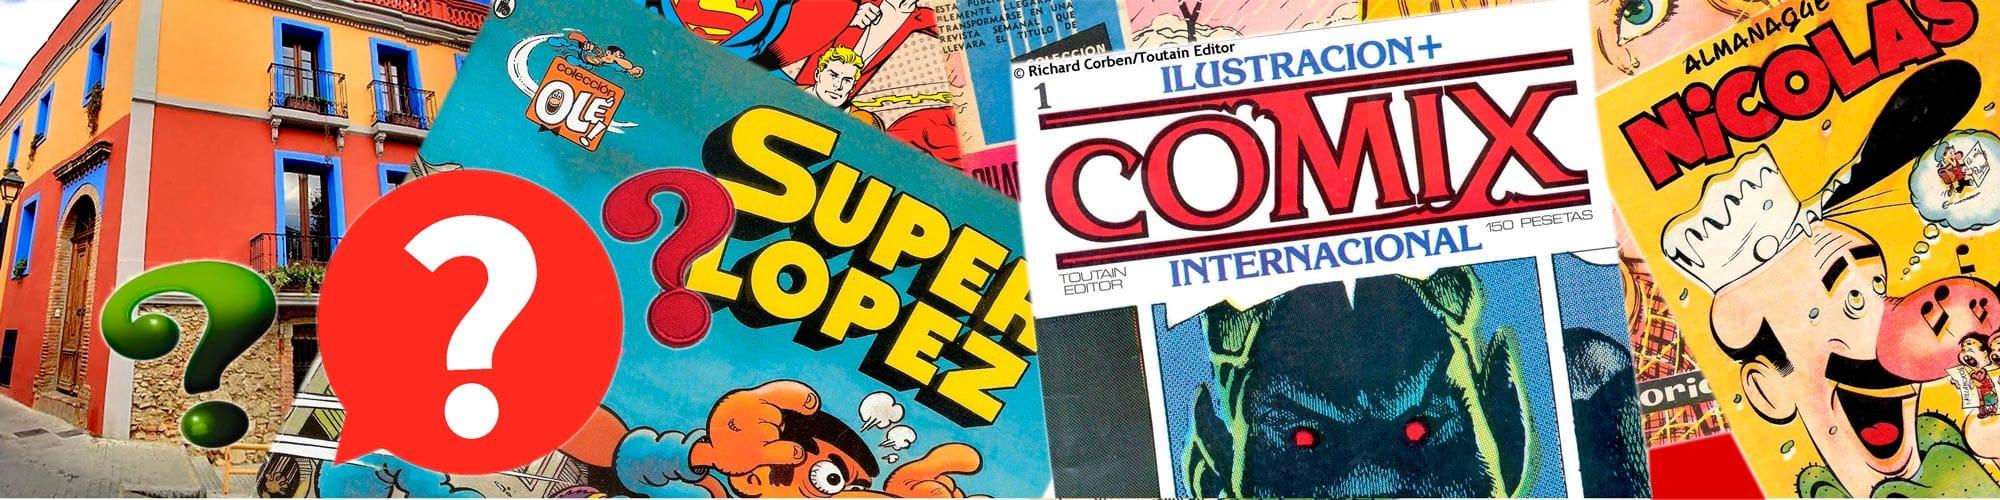 Museo del cómic: quiénes somos